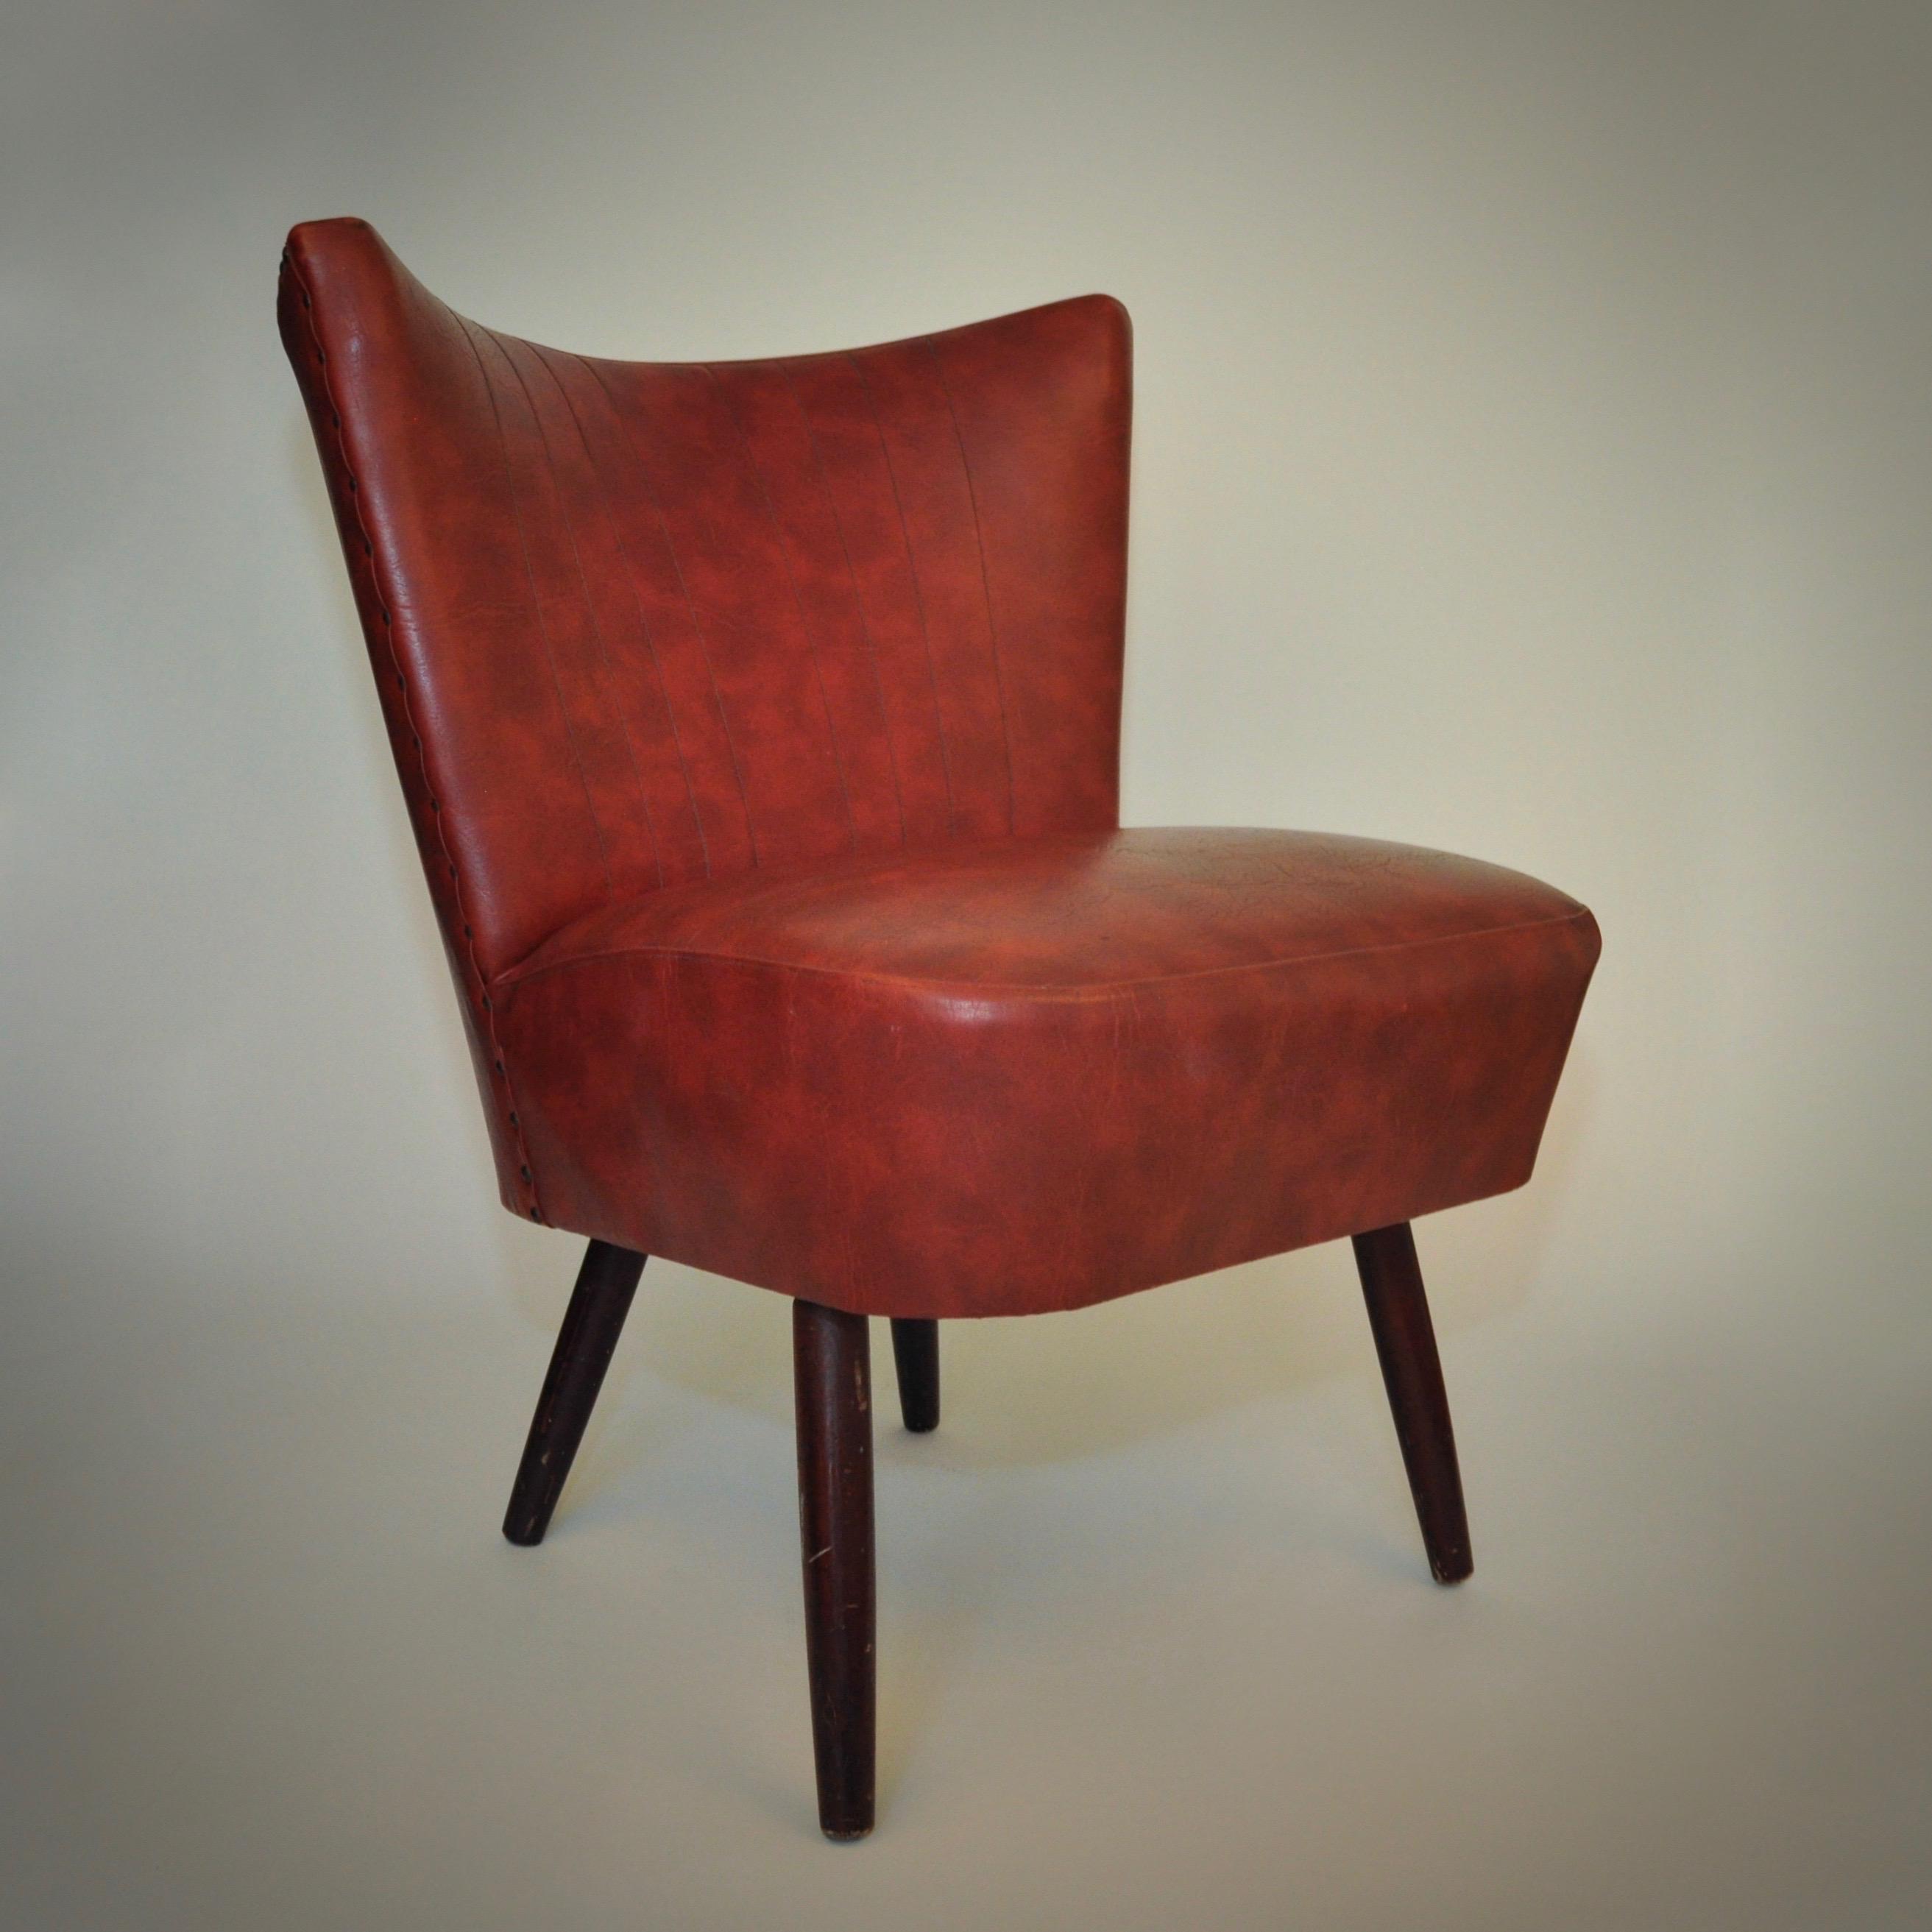 Chique cocktailstoel uit de jaren 70